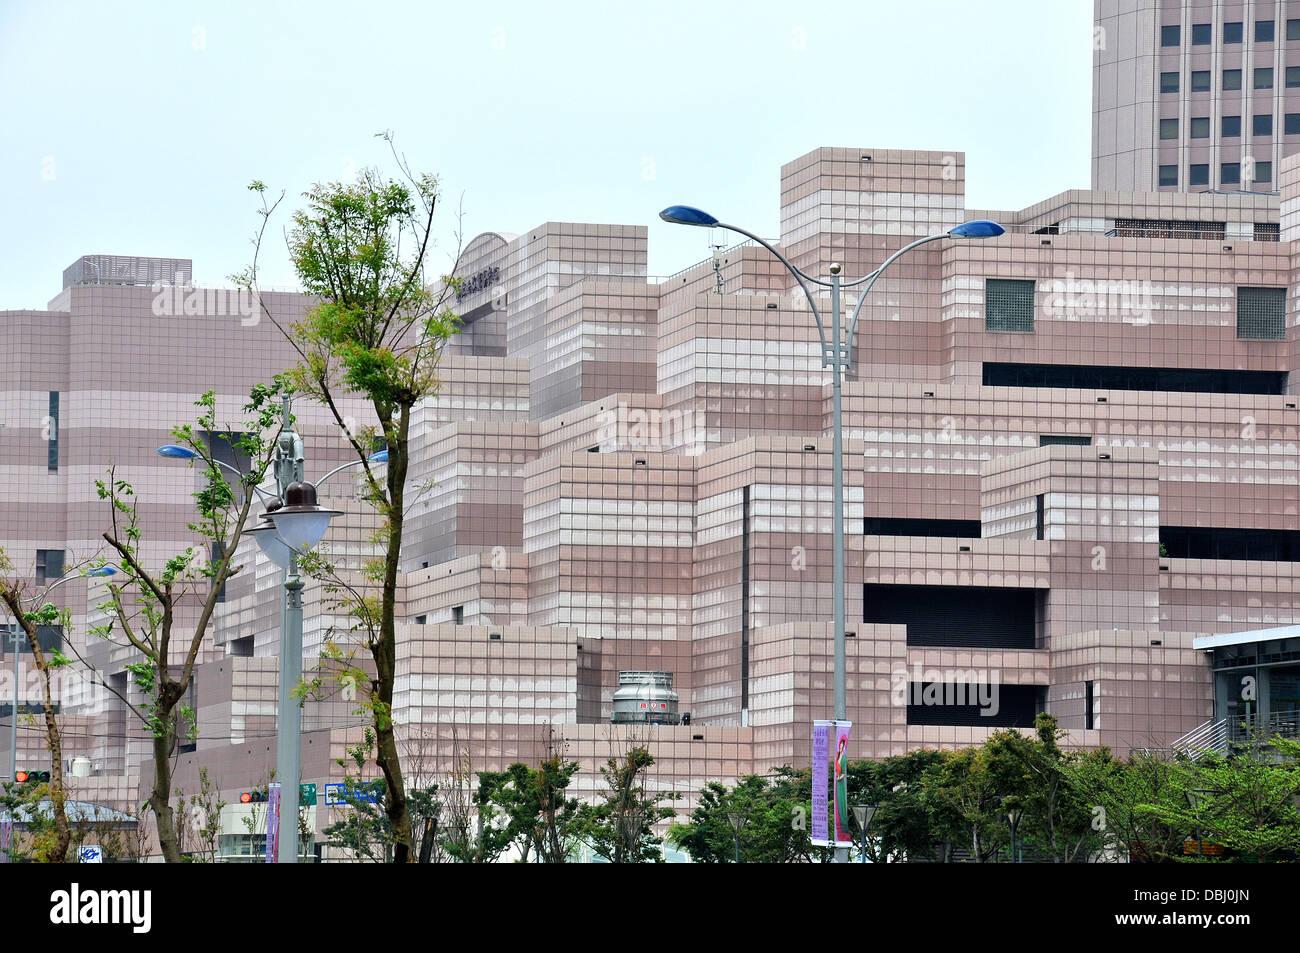 modern buildings Trade World Center Taipei Taiwan Asia - Stock Image